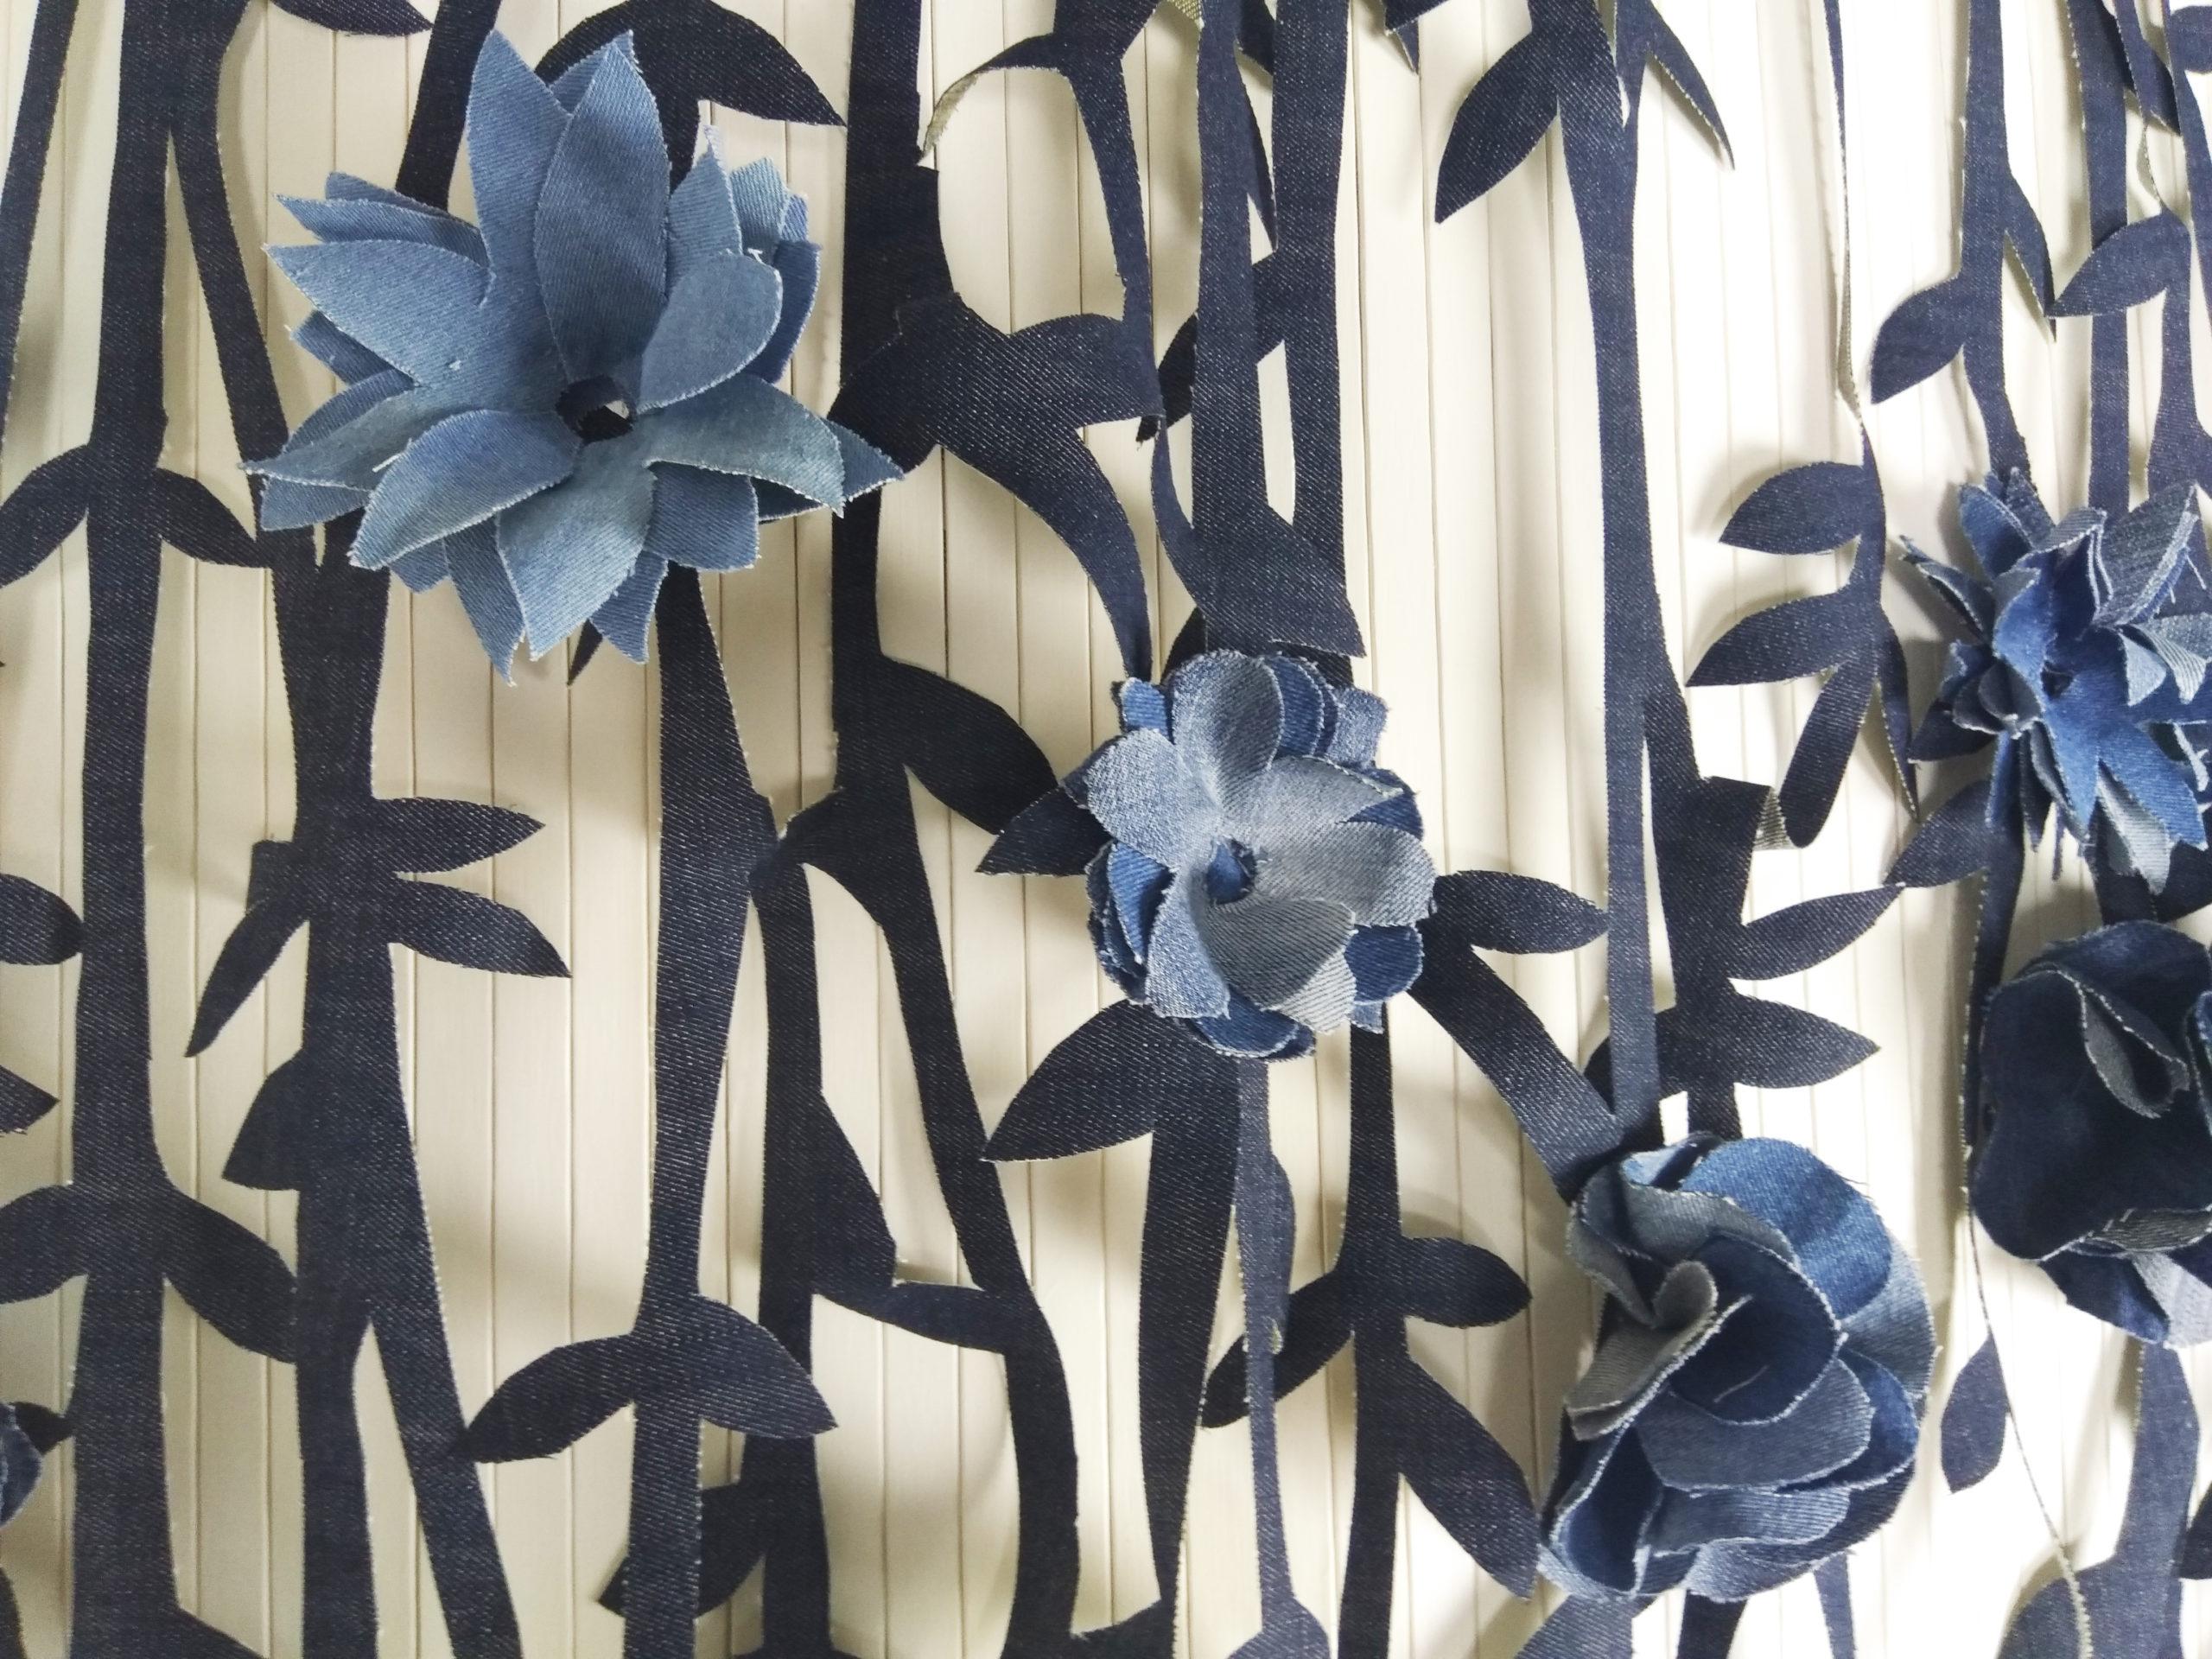 déco rideau de fleurs SMA 2020